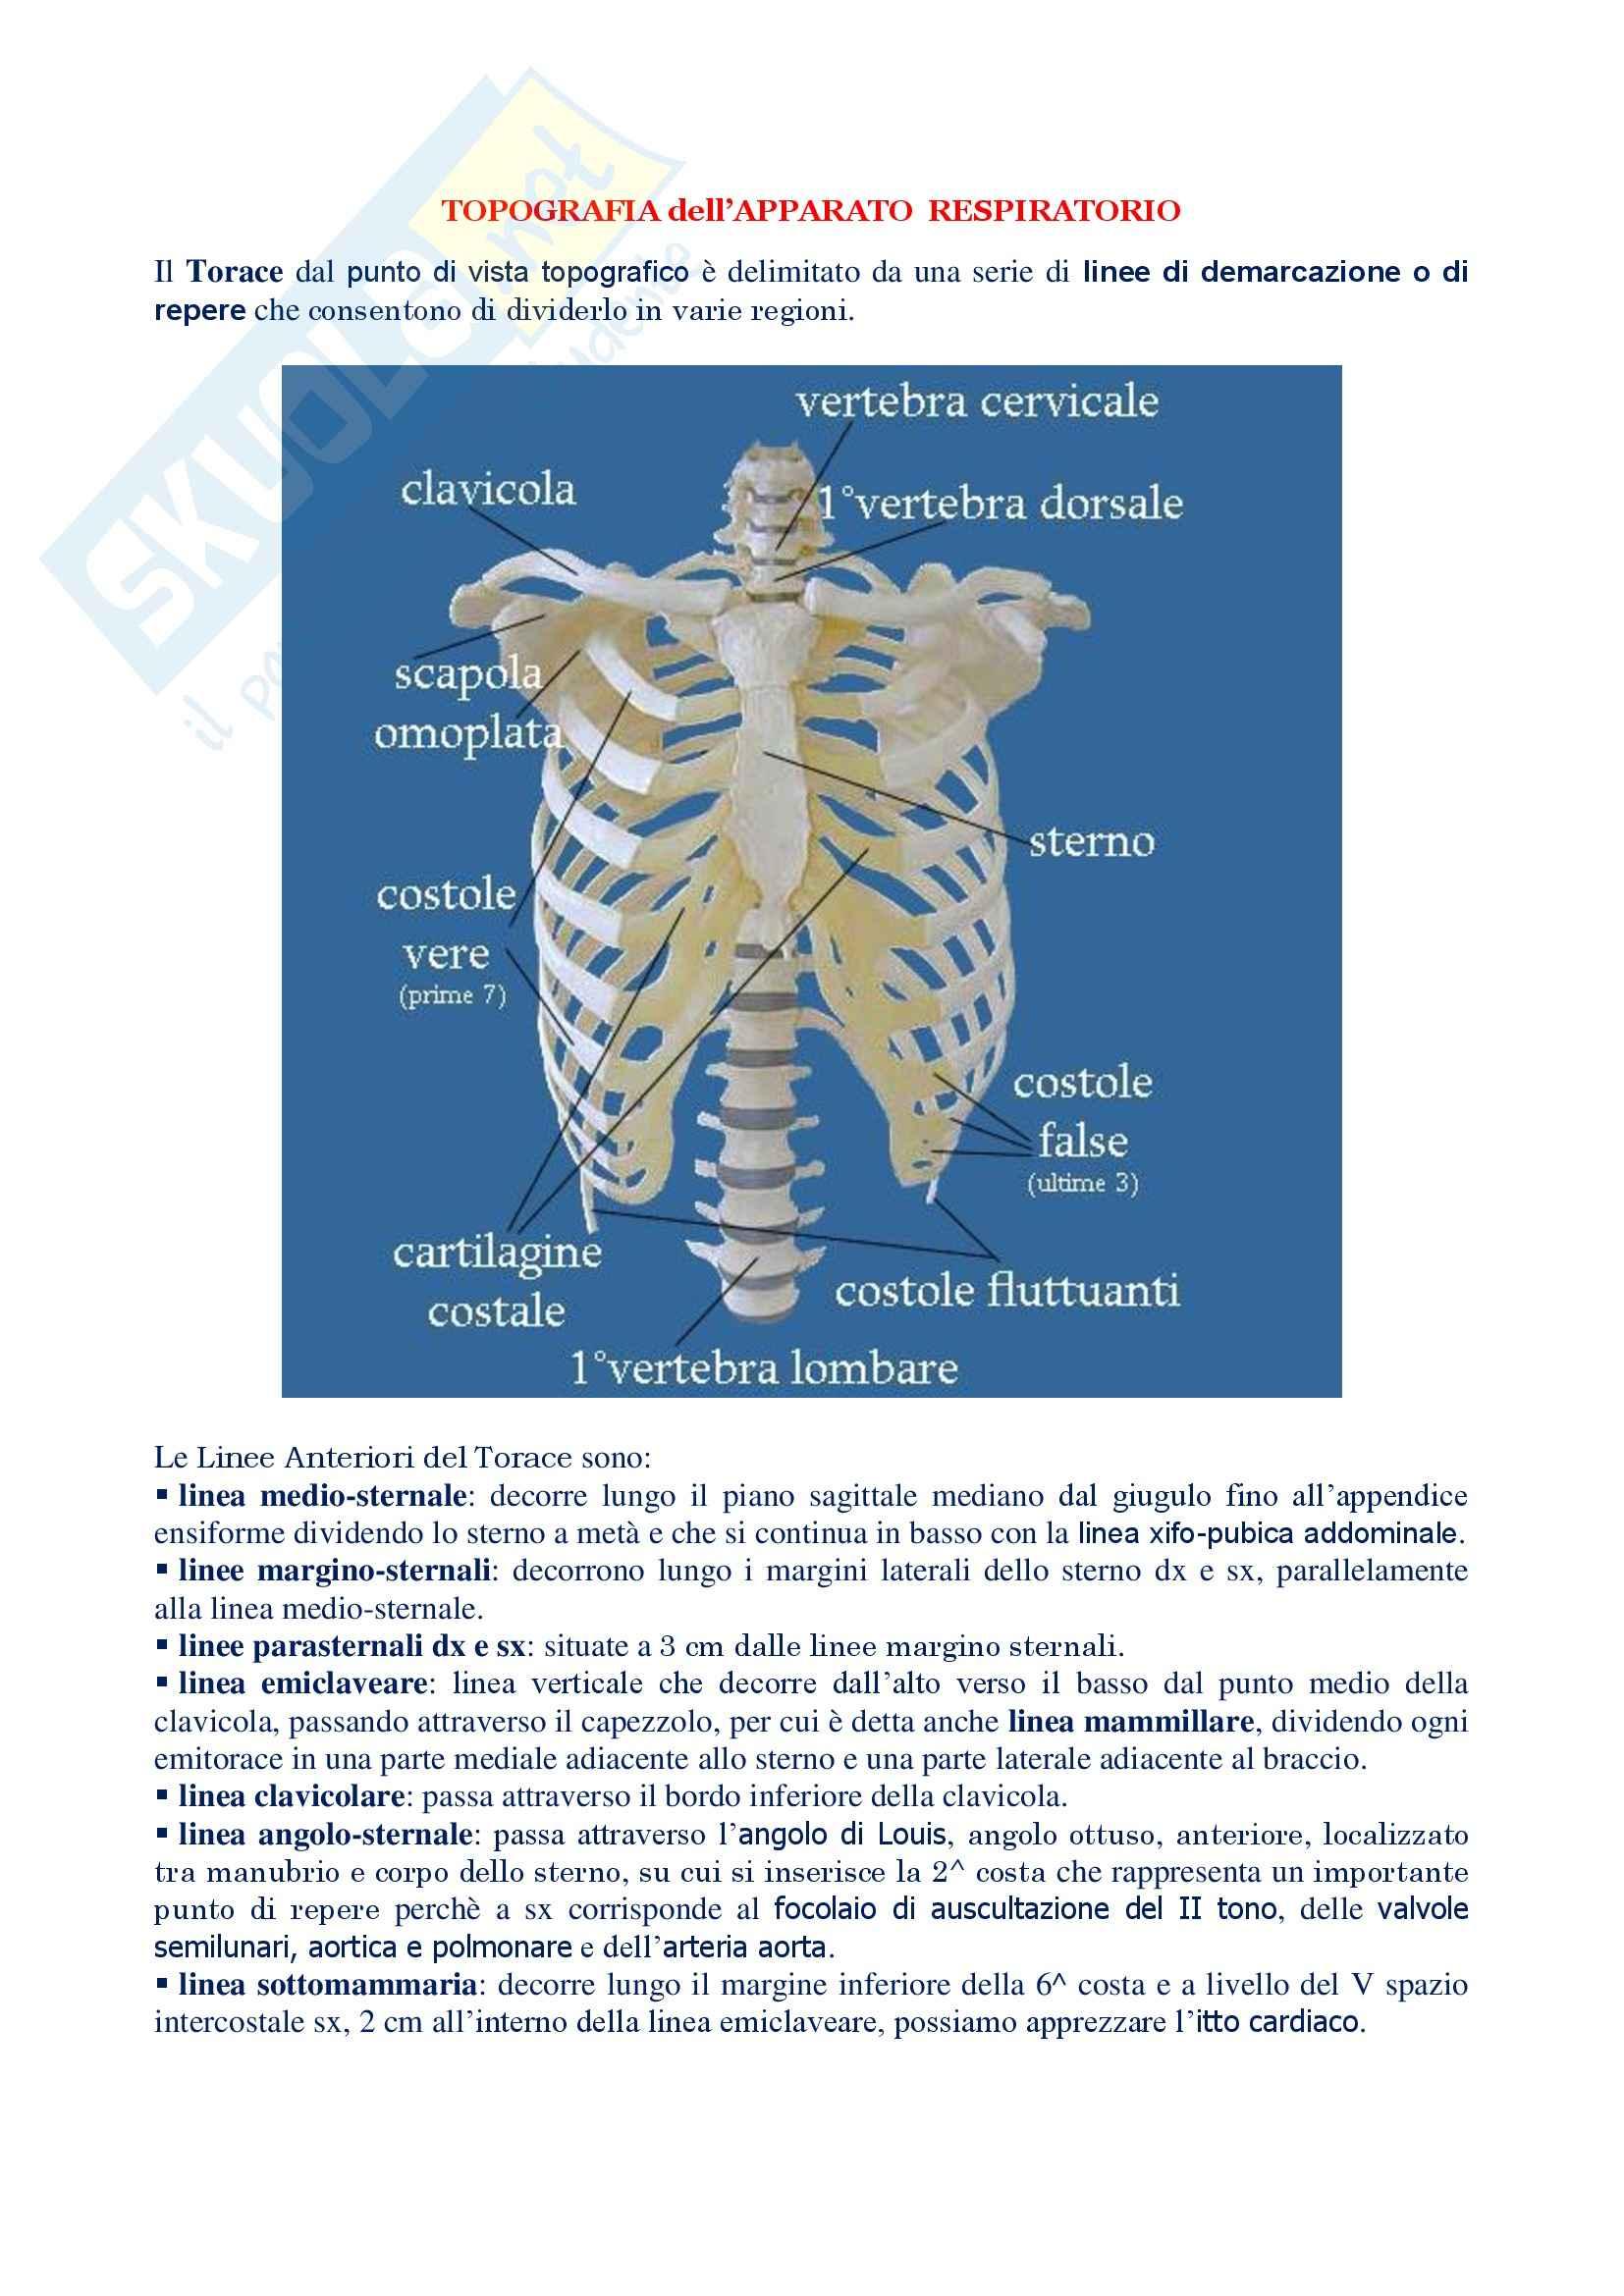 La prof di anatomia - 2 3